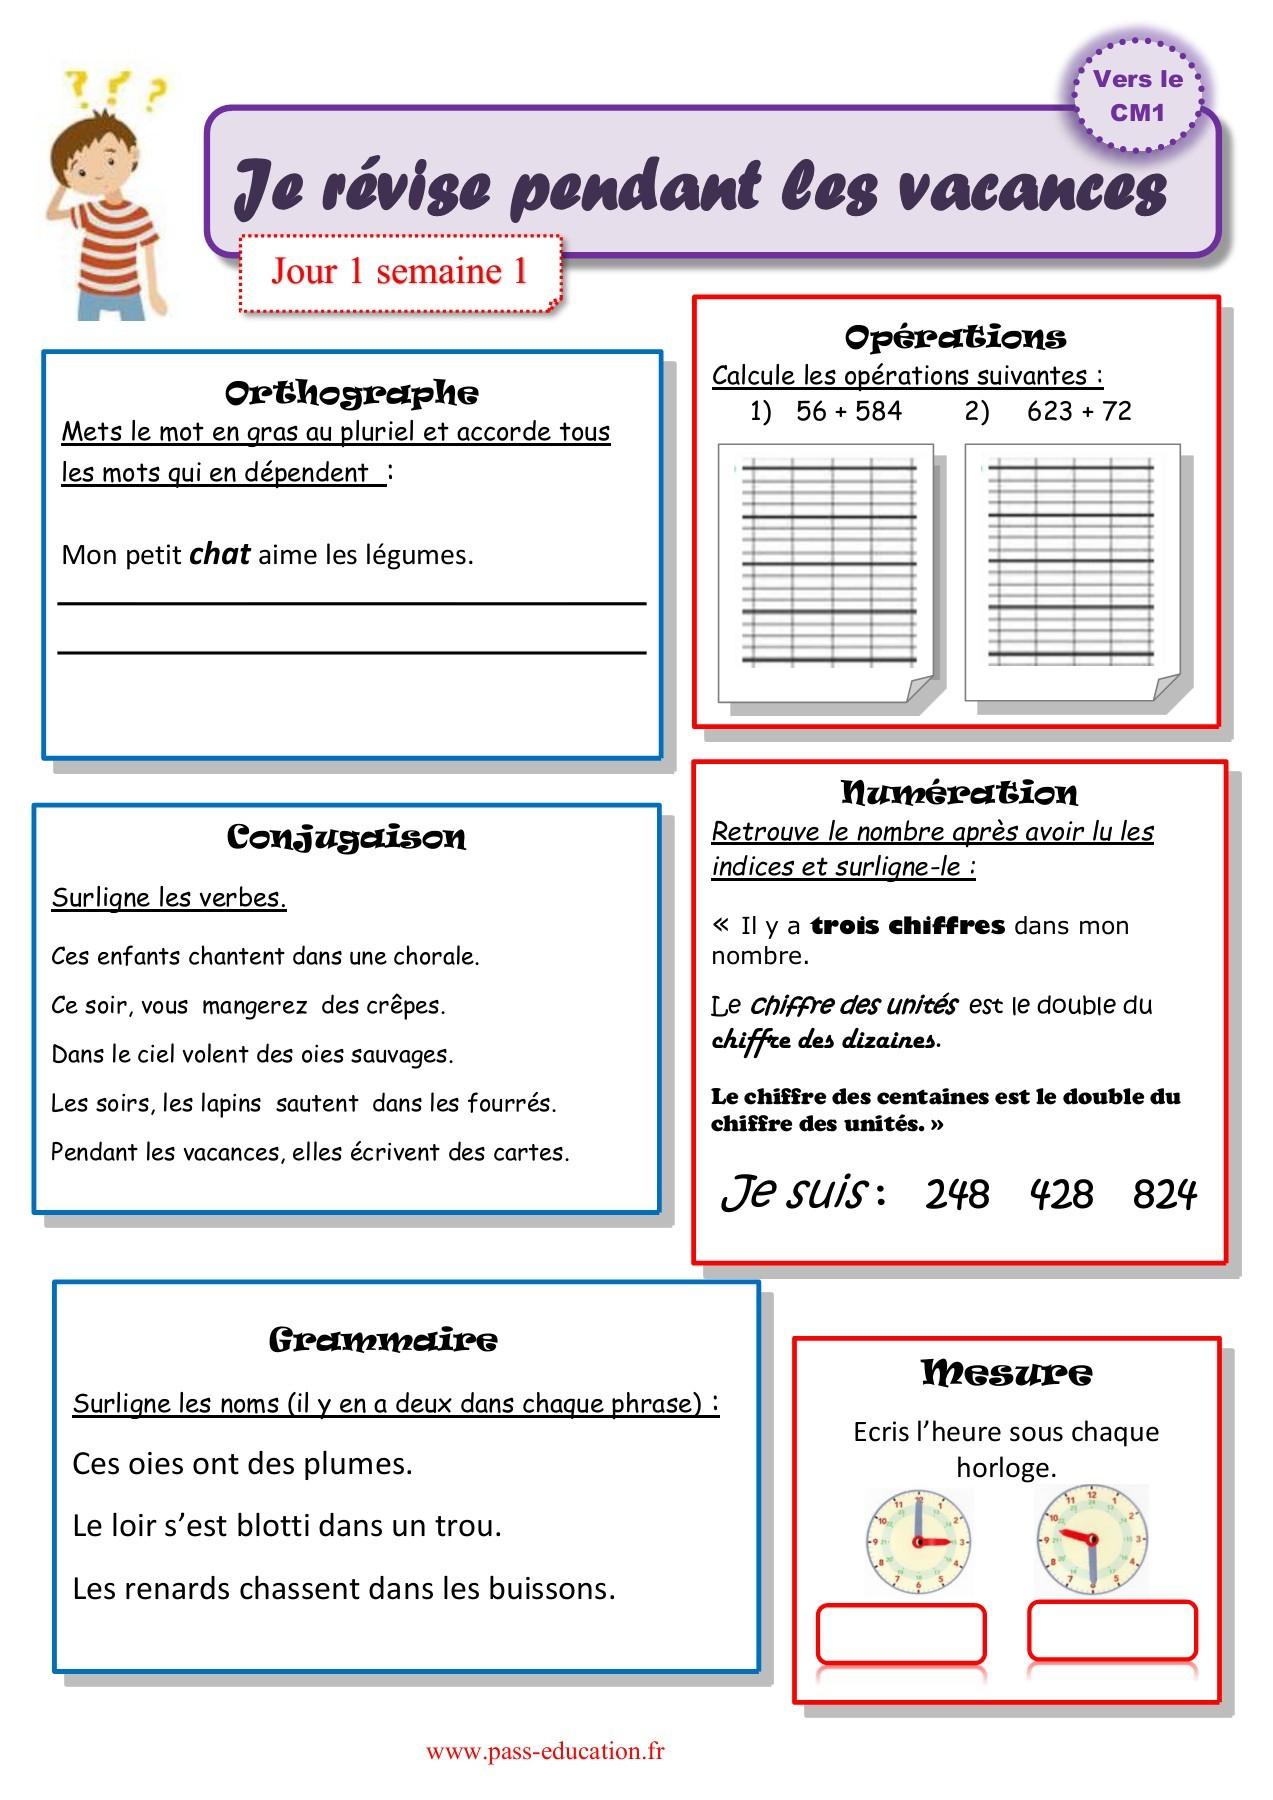 Devoir De Vacances Ce2 | Bio Mind Share destiné Cahier De Vacances Gratuit A Imprimer